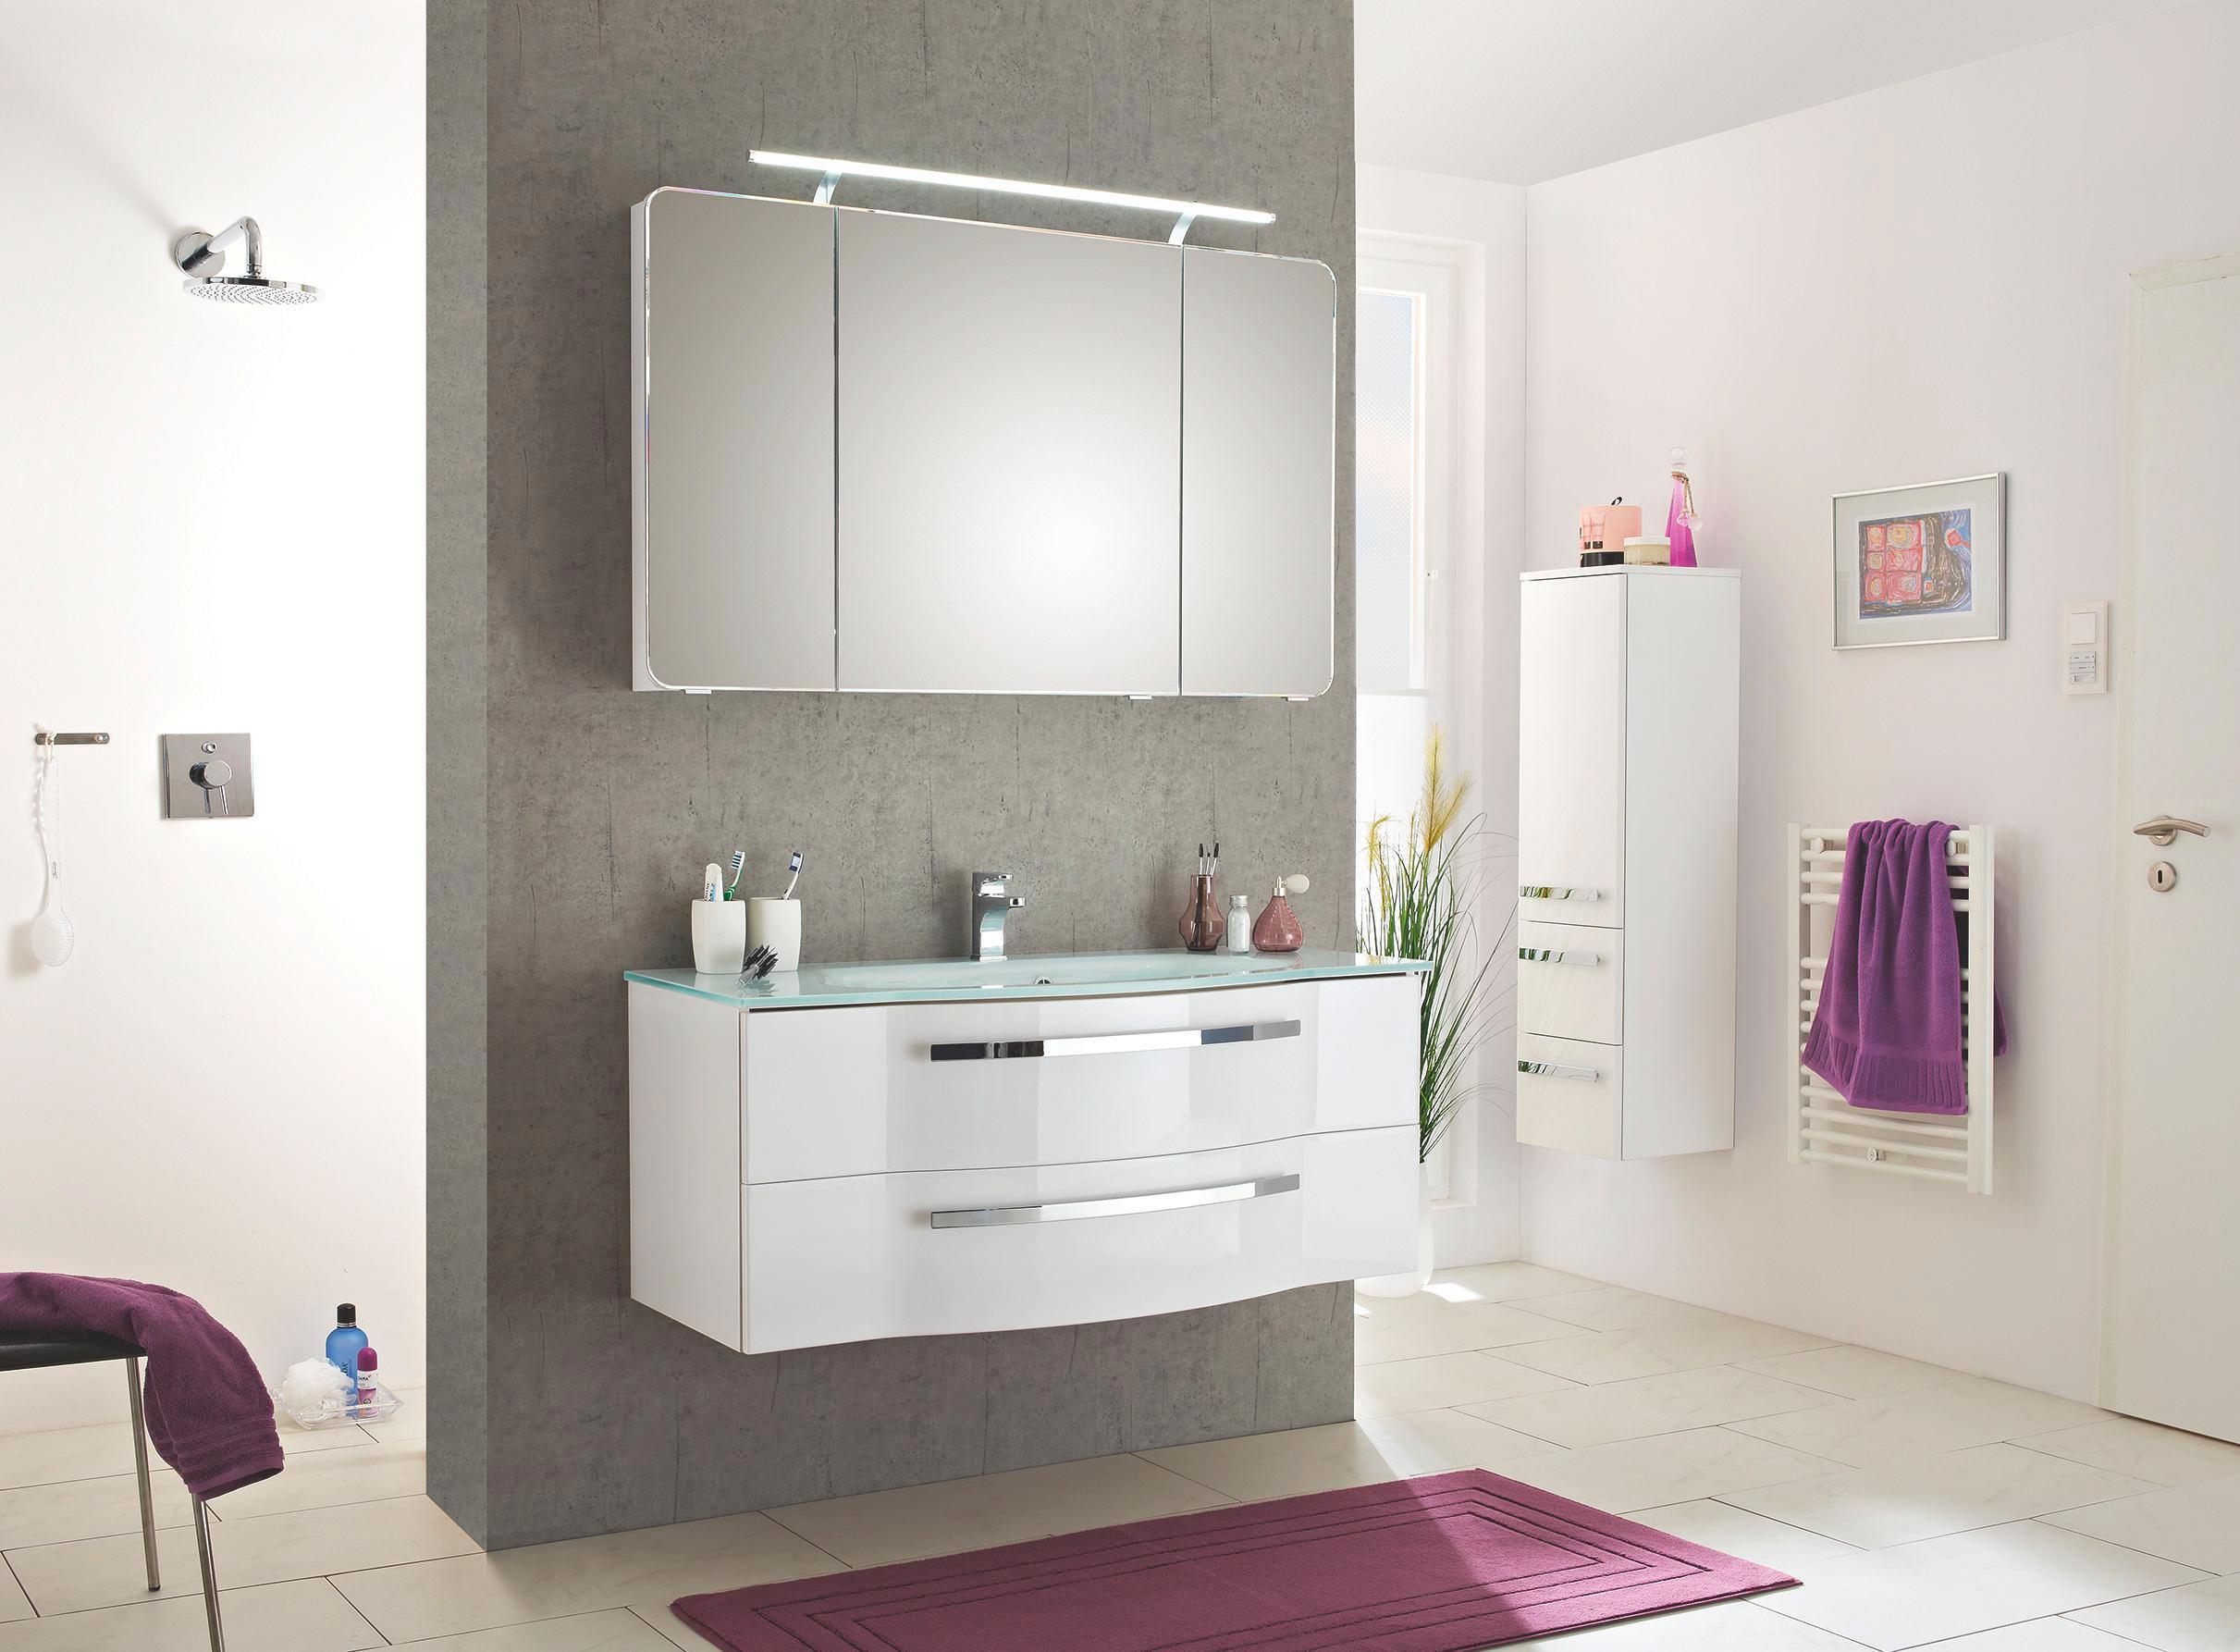 Cheap Gallery Of Waschbecken Schmal Und Lang With Waschbecken Schmal Und  Lang With Waschbecken Schmal